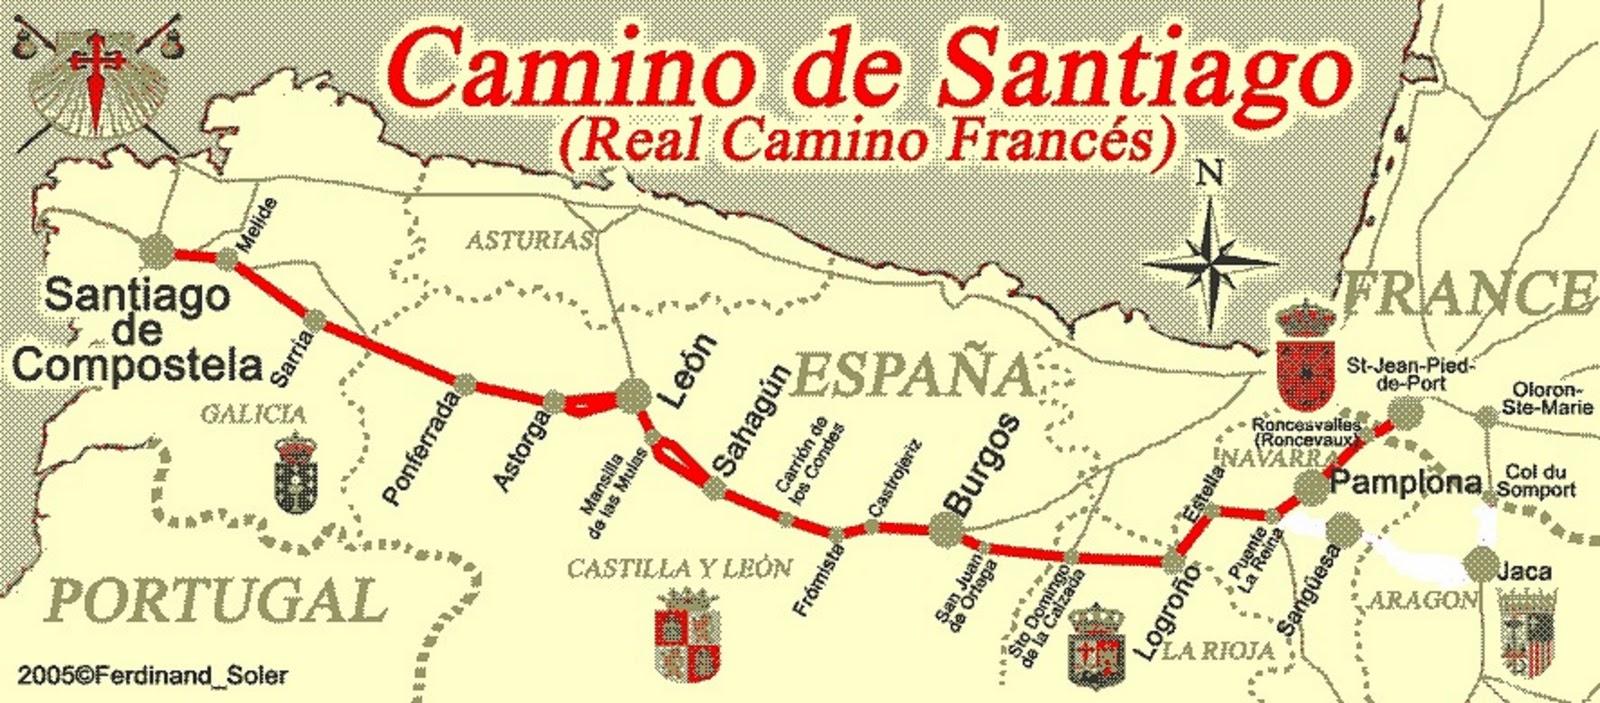 Mein jakobsweg von leoben nach santiago m rz 2011 - St jean pied de port to santiago distance ...